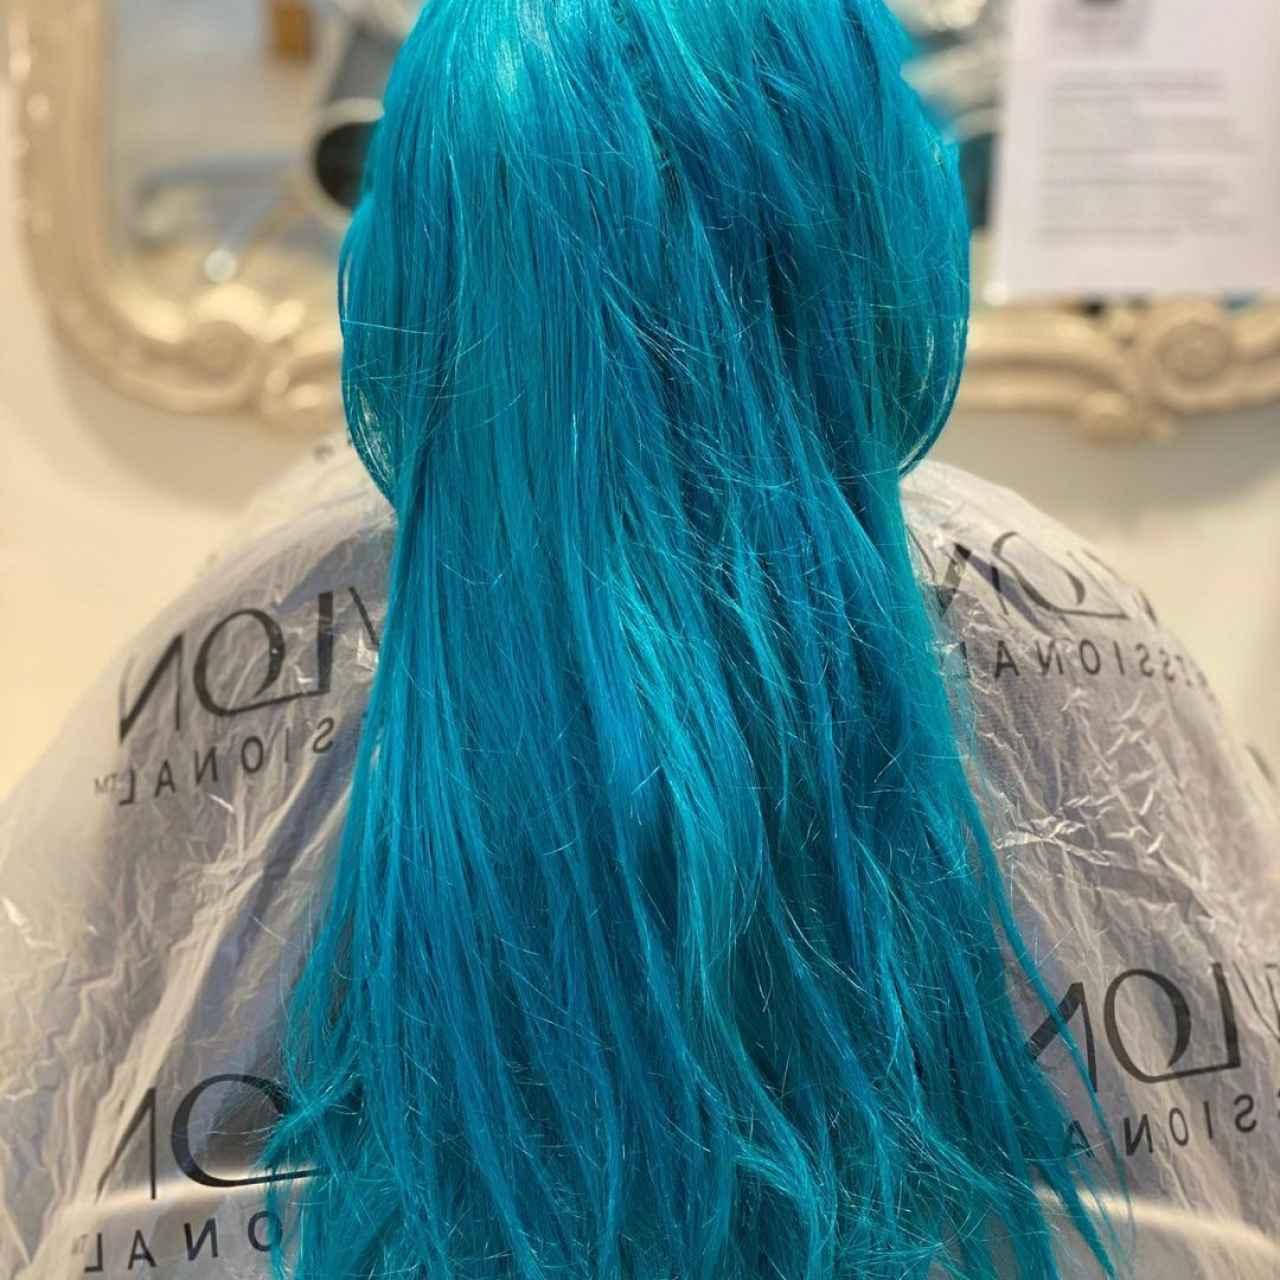 Imagen de pelo en tono fantasía en las redes sociales del Salón Blue de Raquel Saiz.